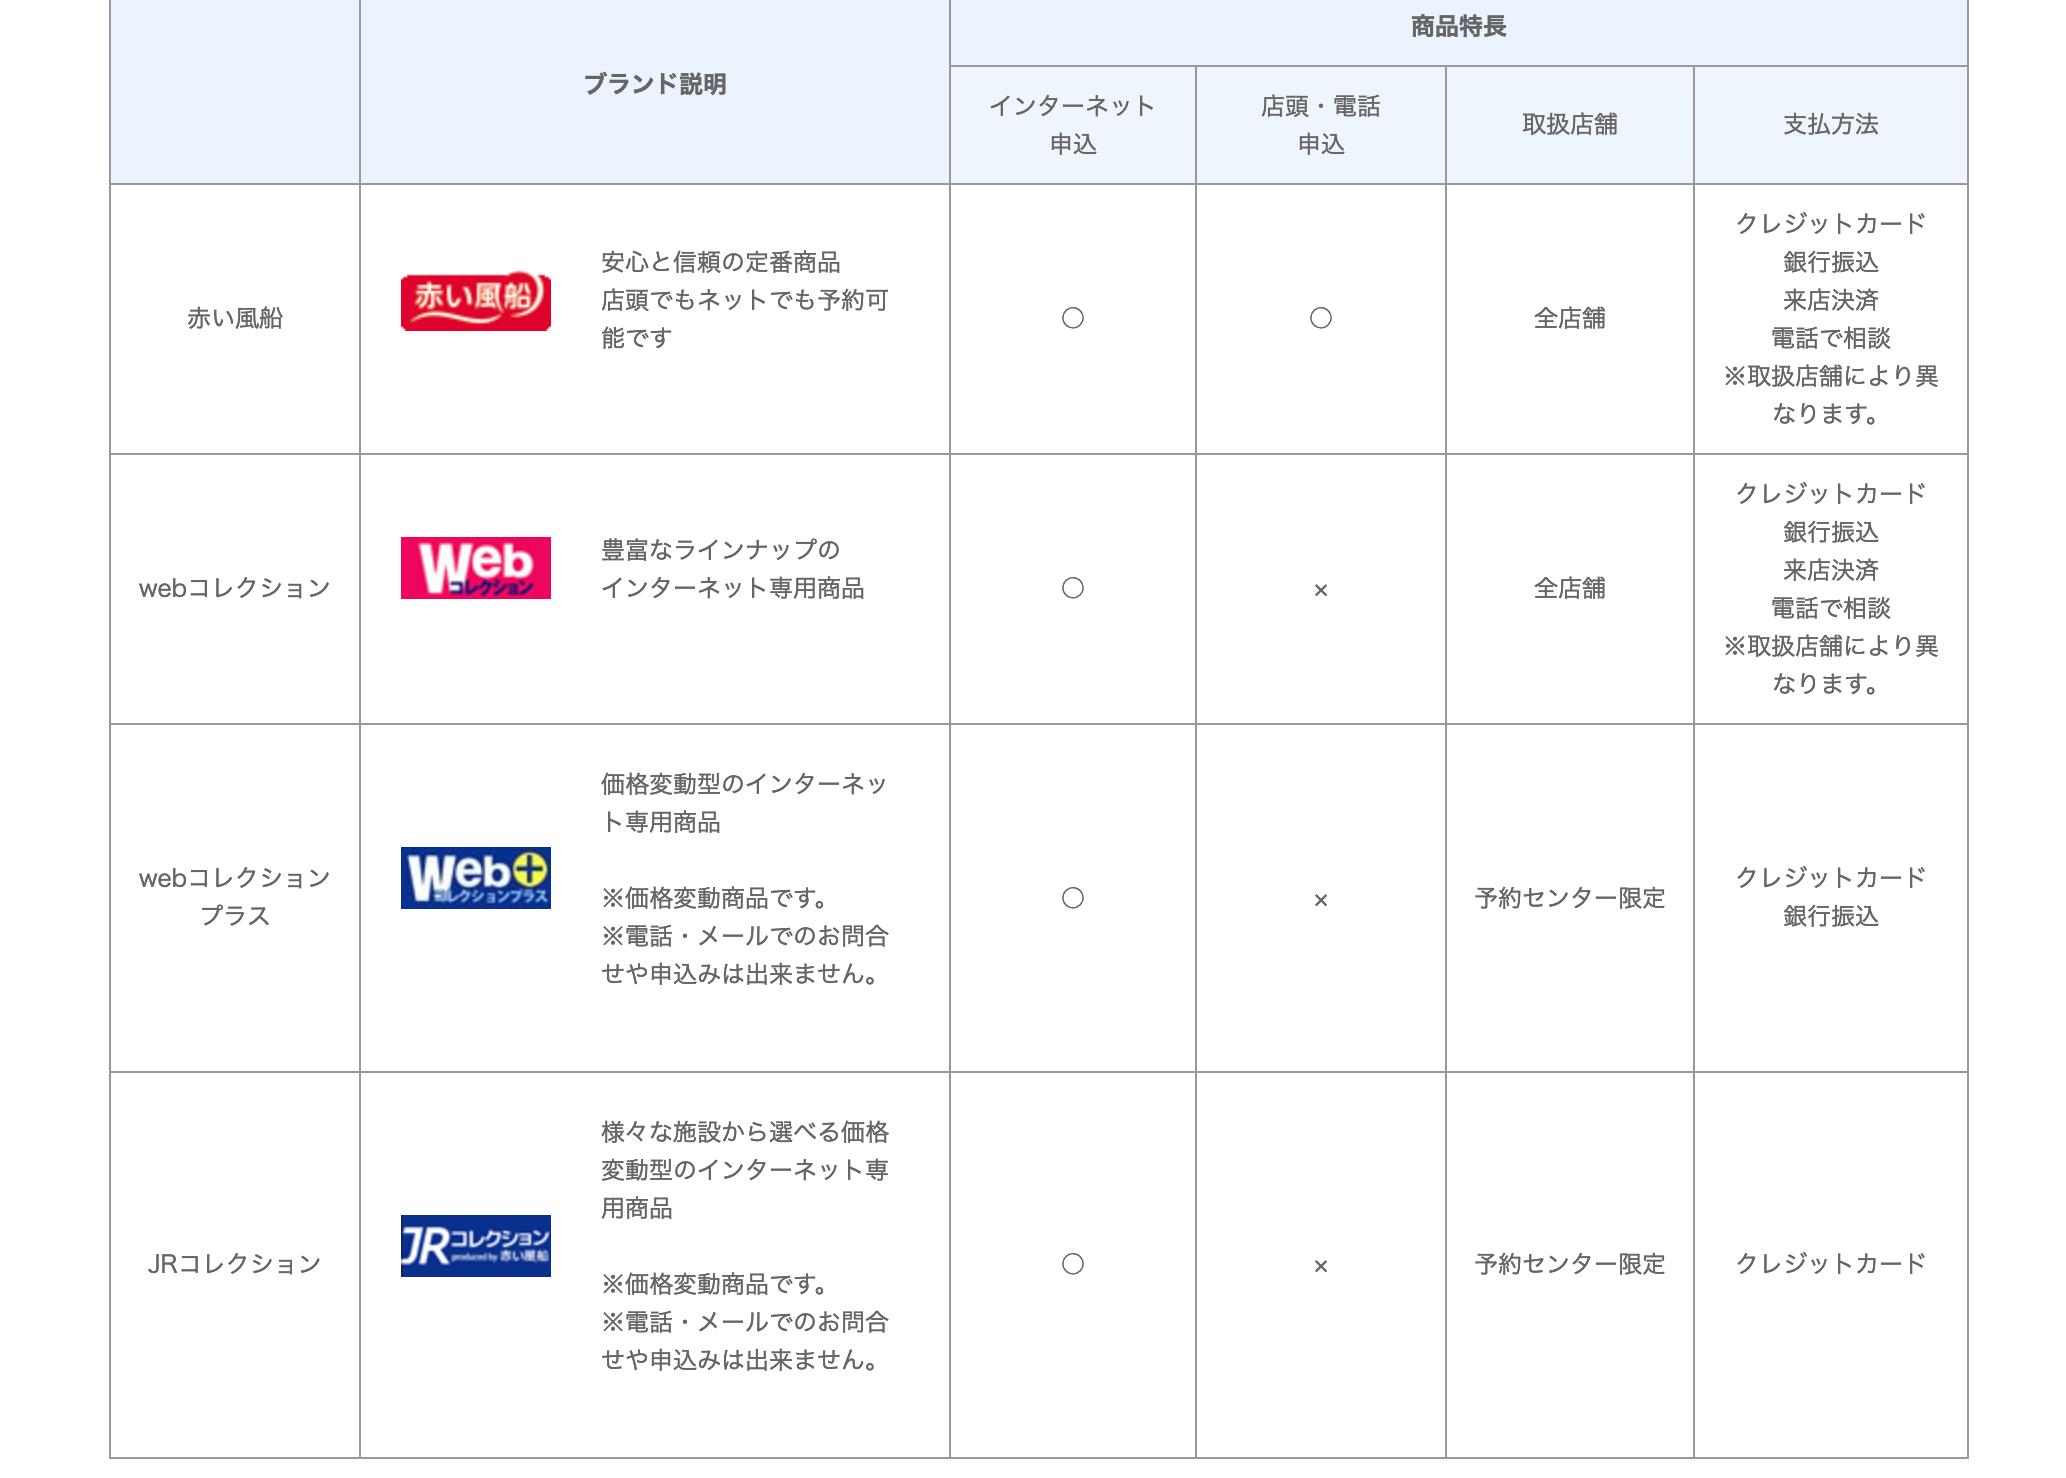 日本旅行の支払い方法一覧